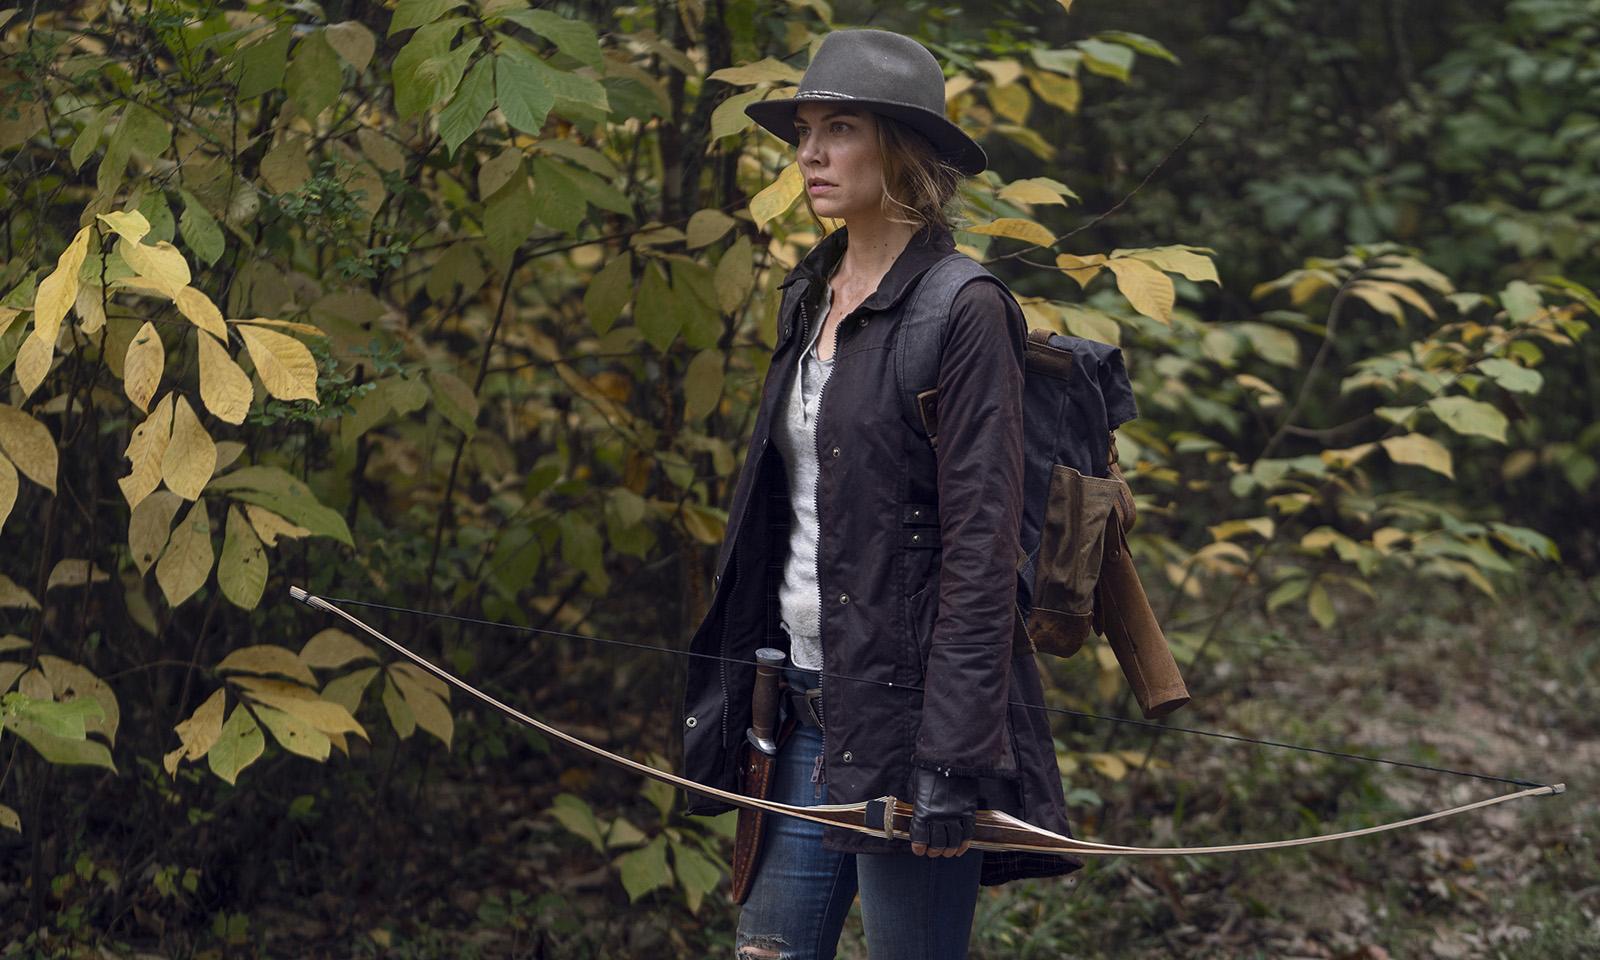 Maggie na floresta segurando seu arco em imagem do episódio Home Sweet Home da 10ª temporada de The Walking Dead